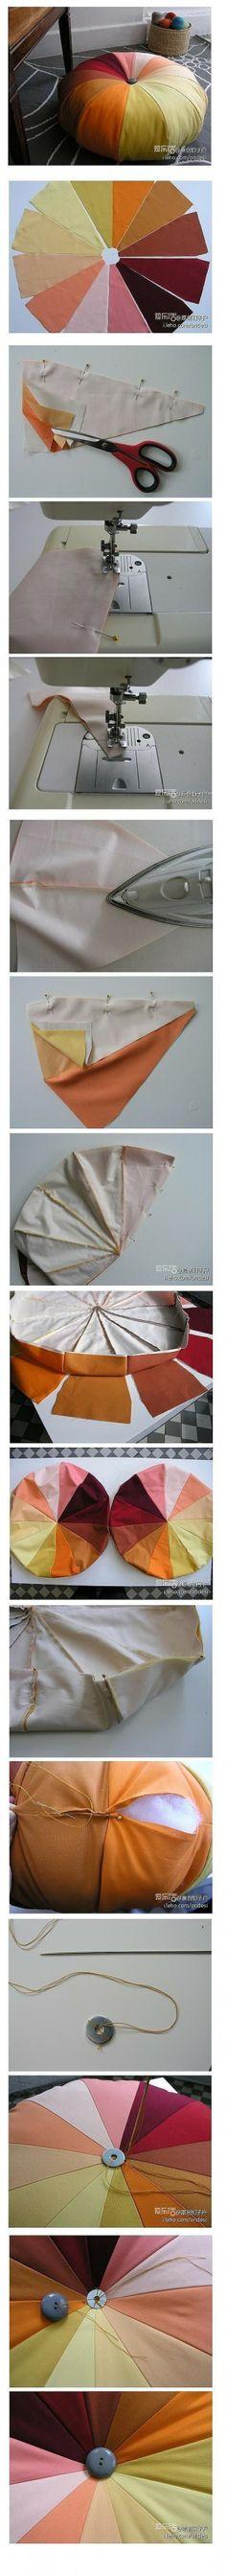 Mooie poef in prachtige kleurtjes. Gebruik bij het in elkaar naaien een voering voor extra stevigheid.